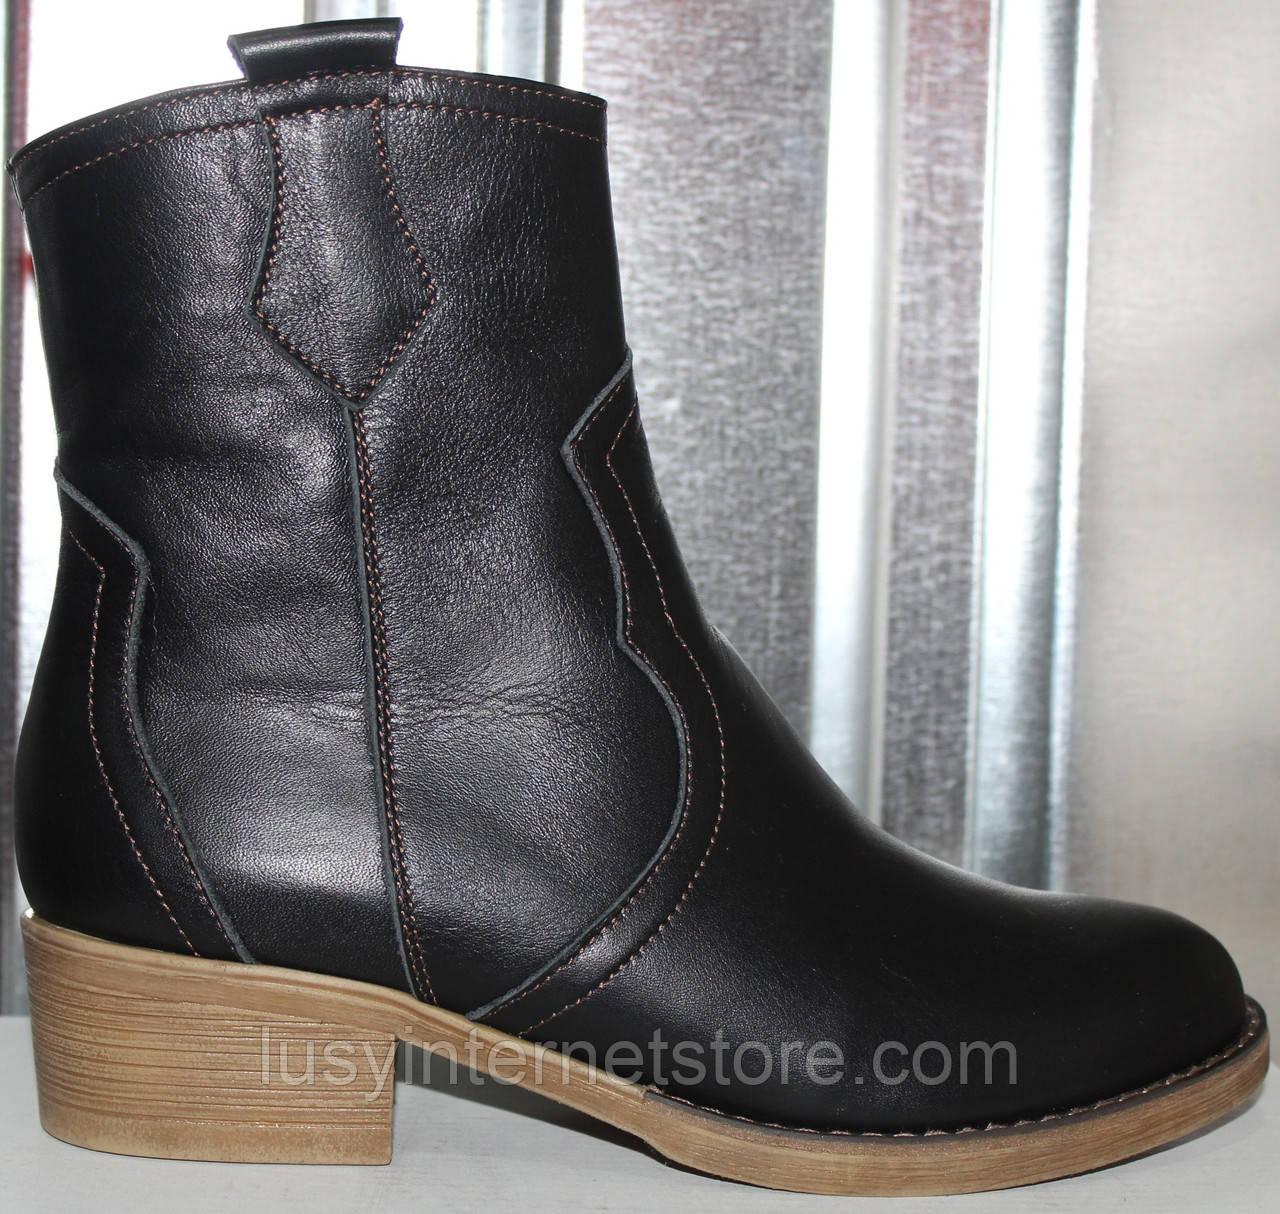 Ботинки женские зимние кожаные от производителя модель РИ304-3